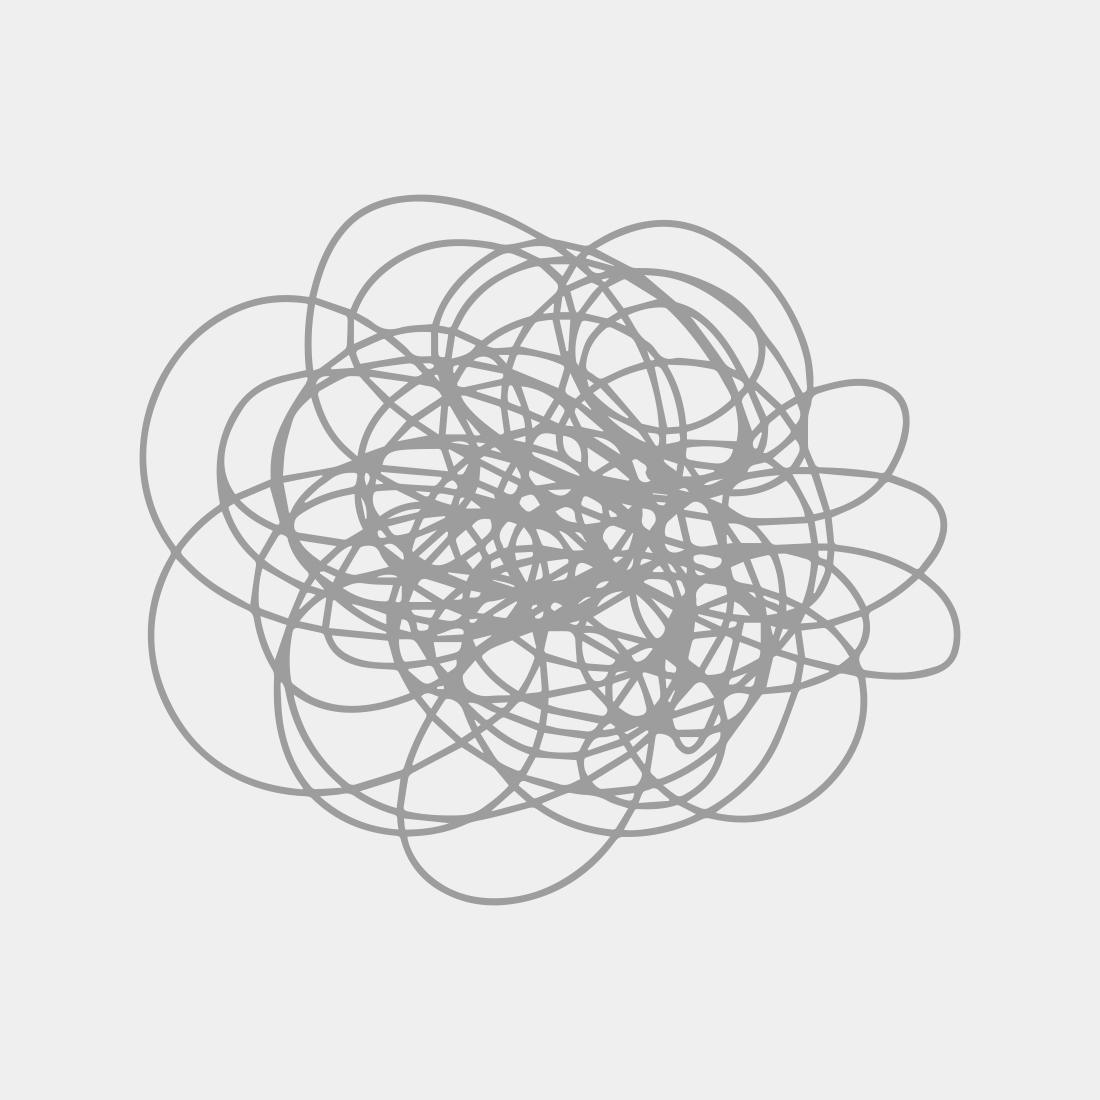 Meet The Artist Peter Blake